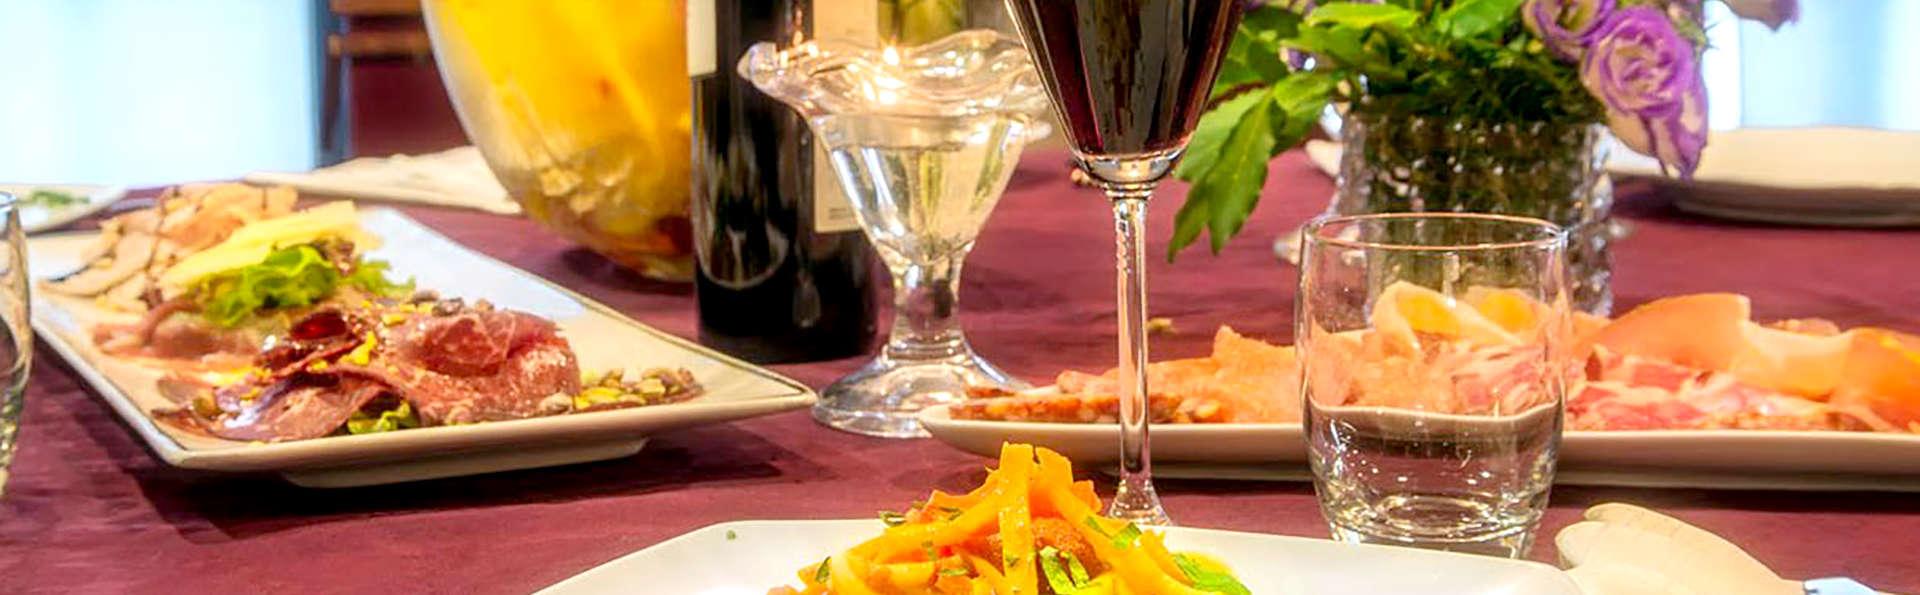 Soggiorno con cena a due passi dal centro di Gubbio